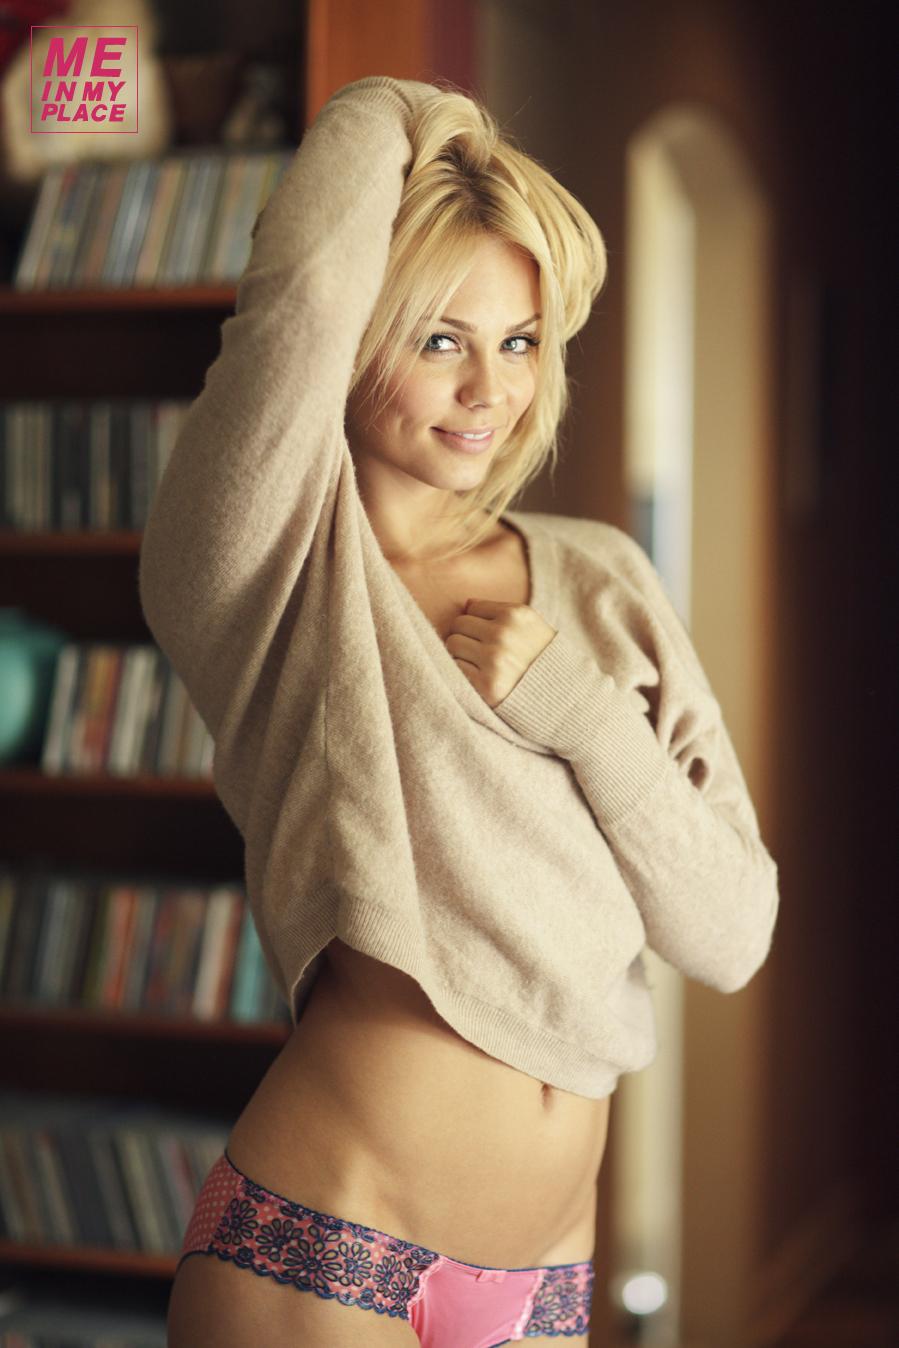 Порно-каталог актрис лаура орсоля, трахнул подругу в красных трусиках в попку без ее согласия